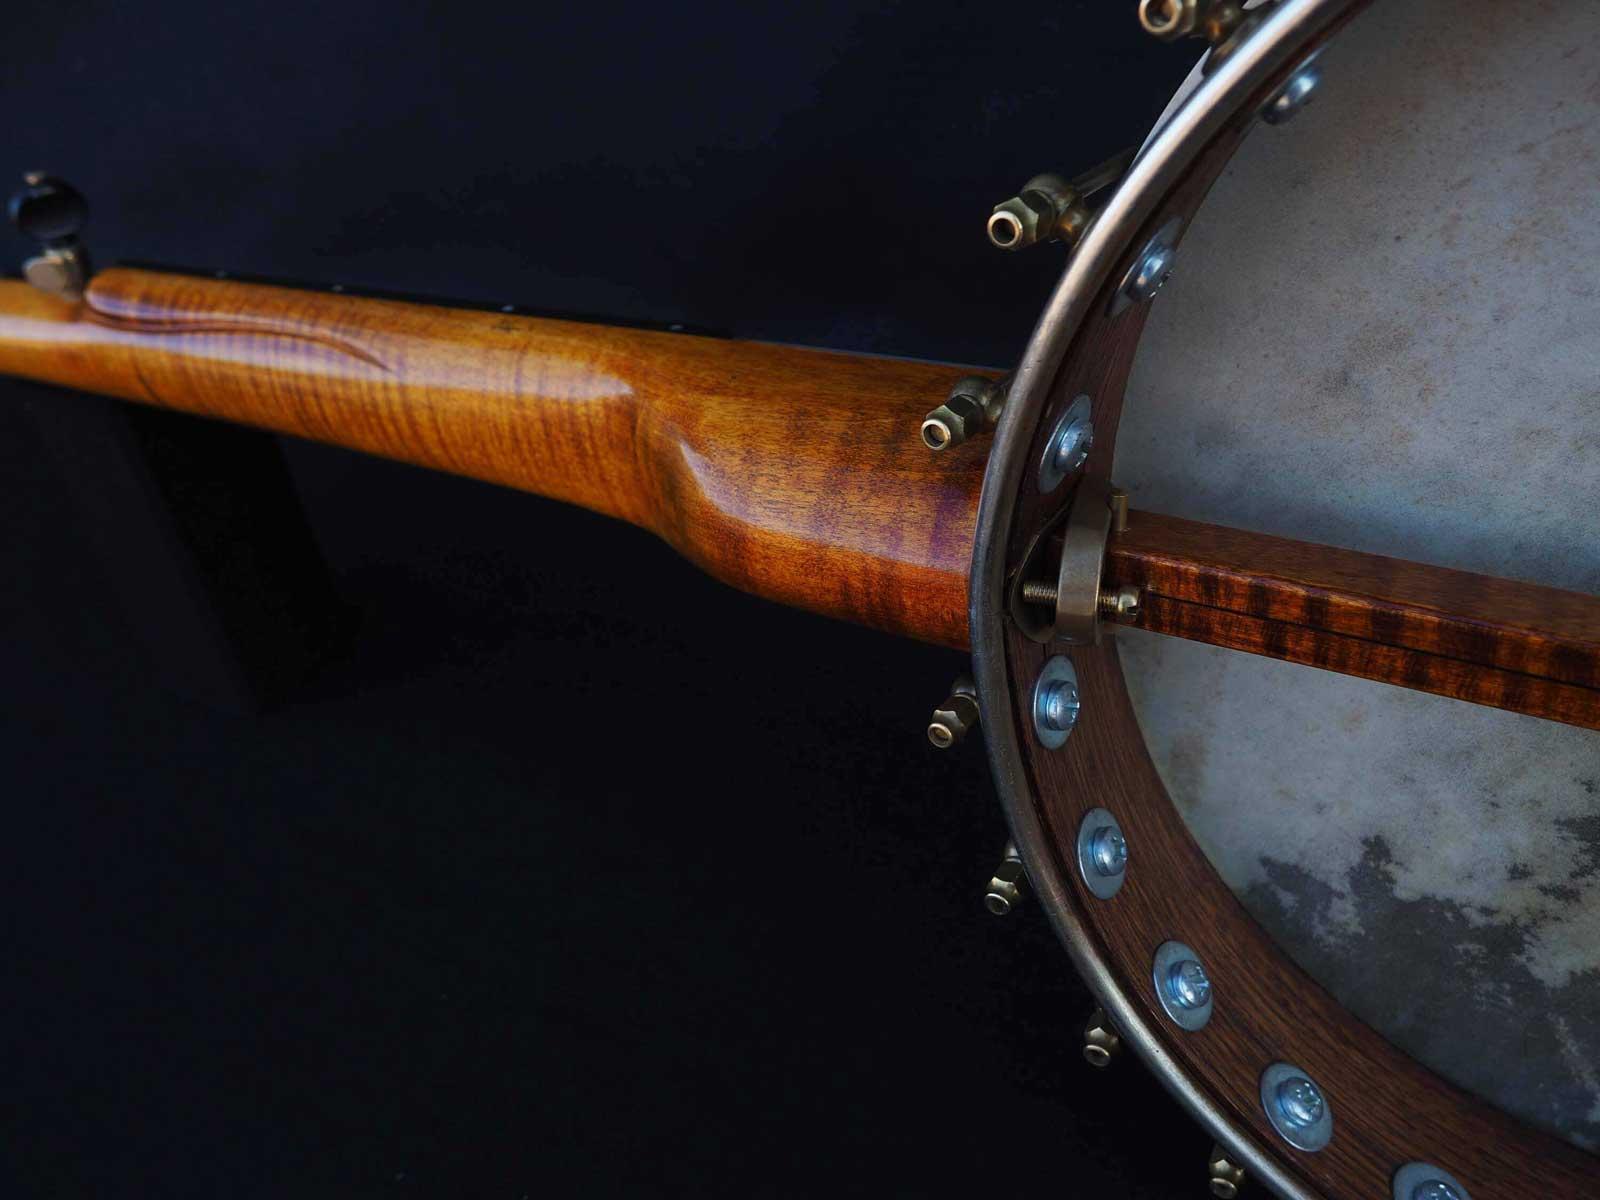 banjo overspun fretless openback